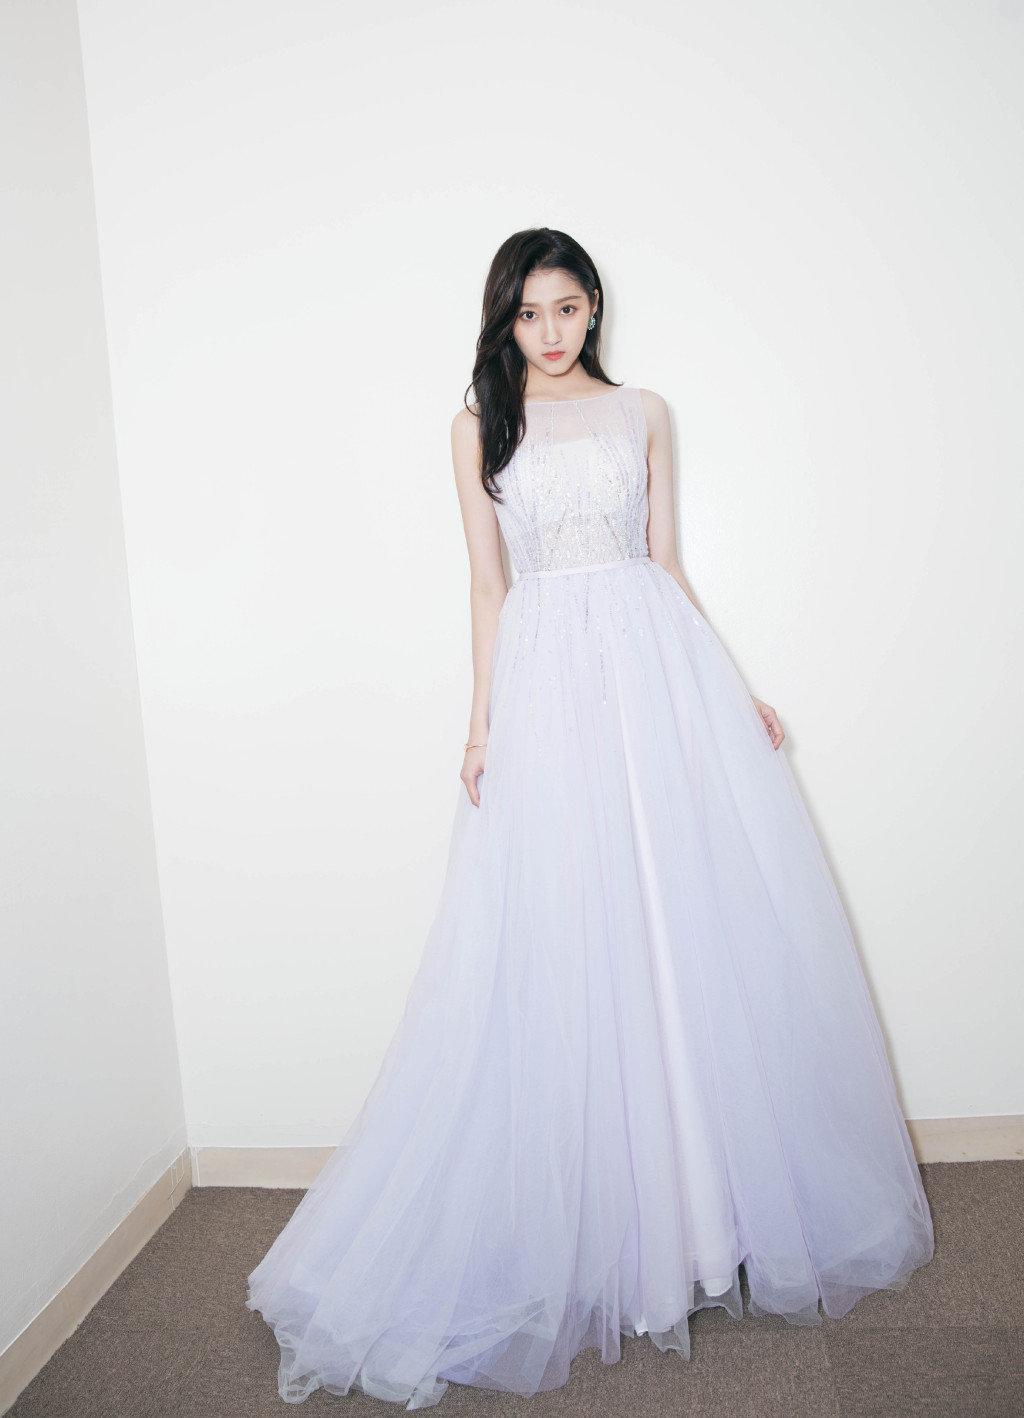 迪丽热巴婚纱造型热度刚稍稍退却,关晓彤婚纱造型又成热搜